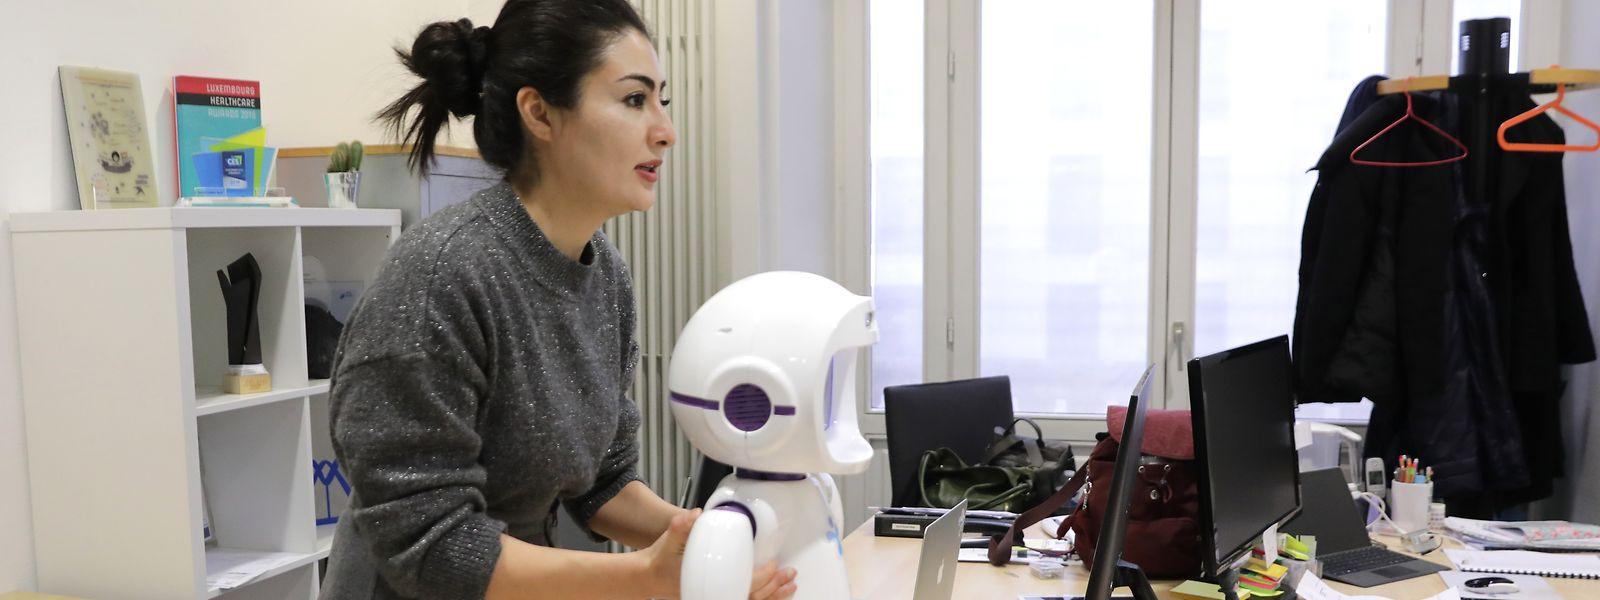 Au-delà de robots autonomes, les participants à l'étude voient dans l'IA un moyen de créer des traitements médicamenteux plus personnalisés, ou un système éducatif adapté à chacun